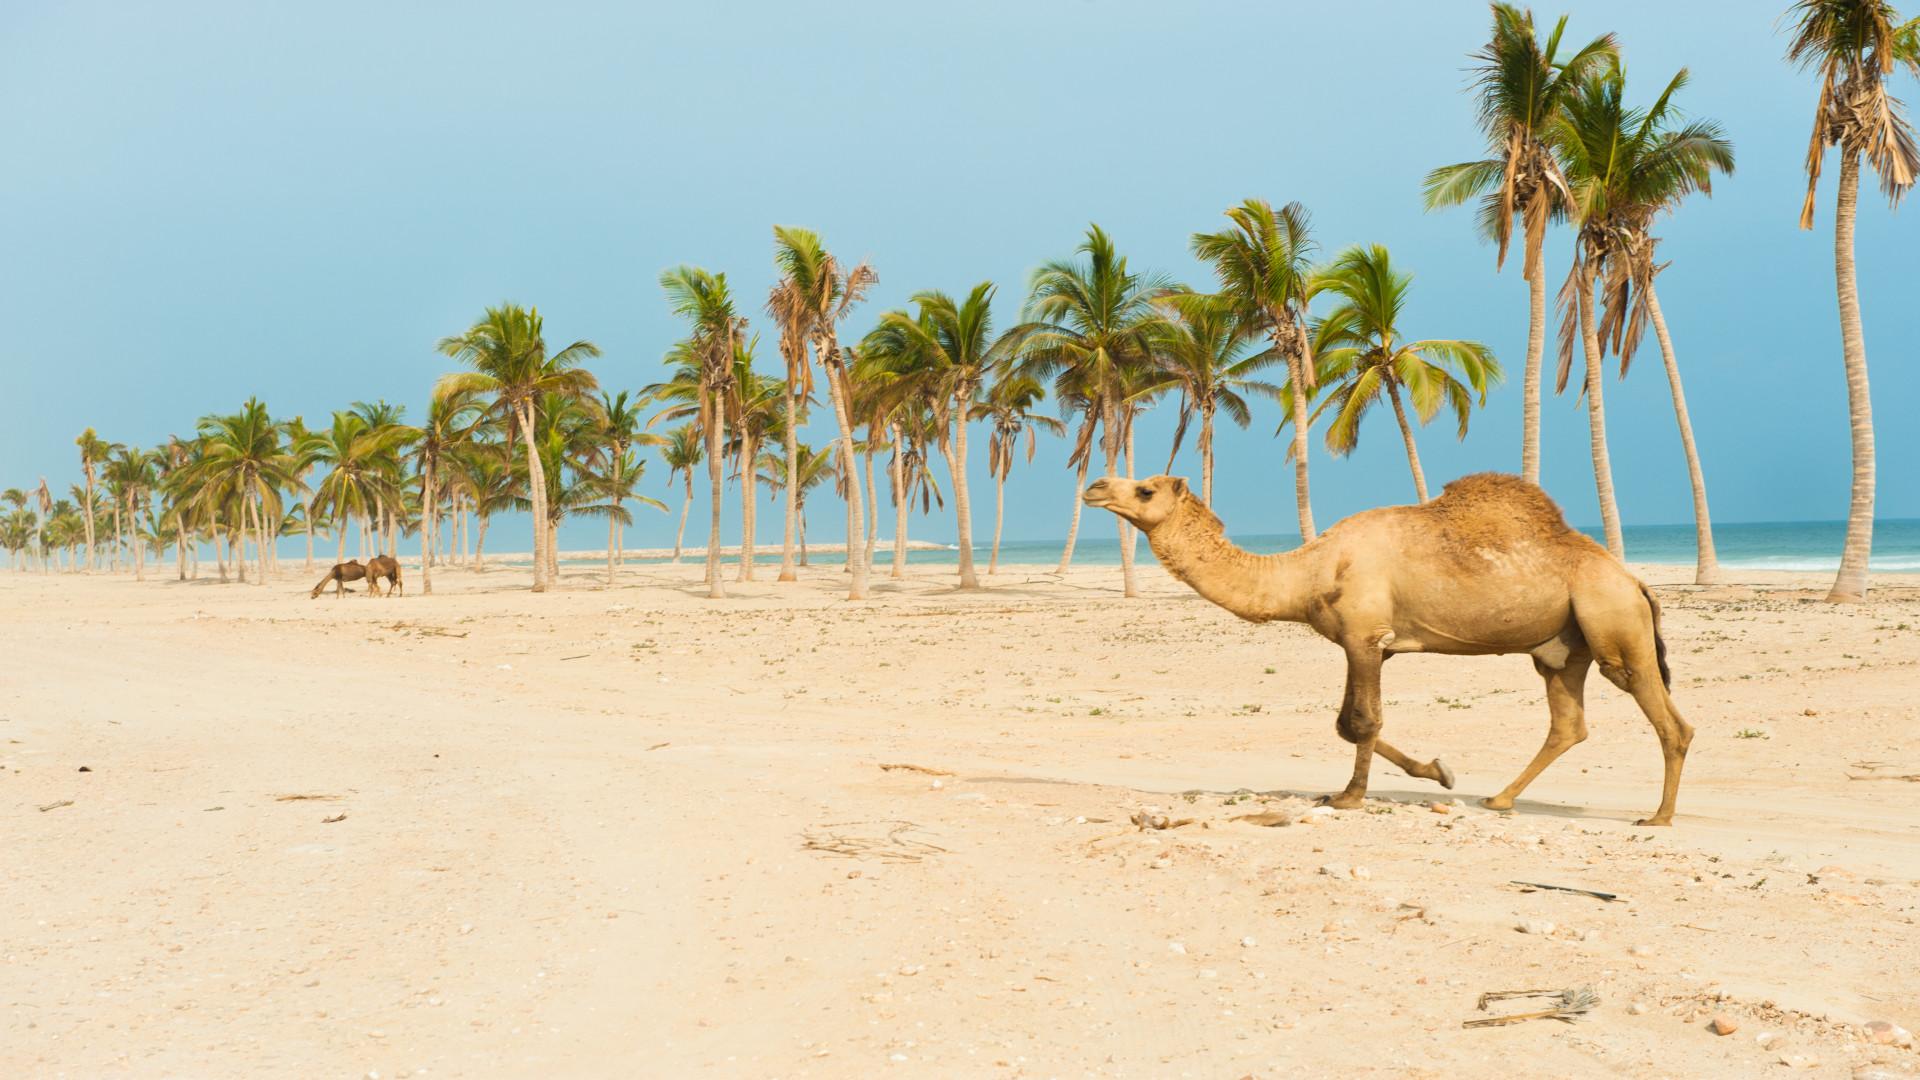 Kameel op strand met palmbomen, Salalah, Dhofar, Oman